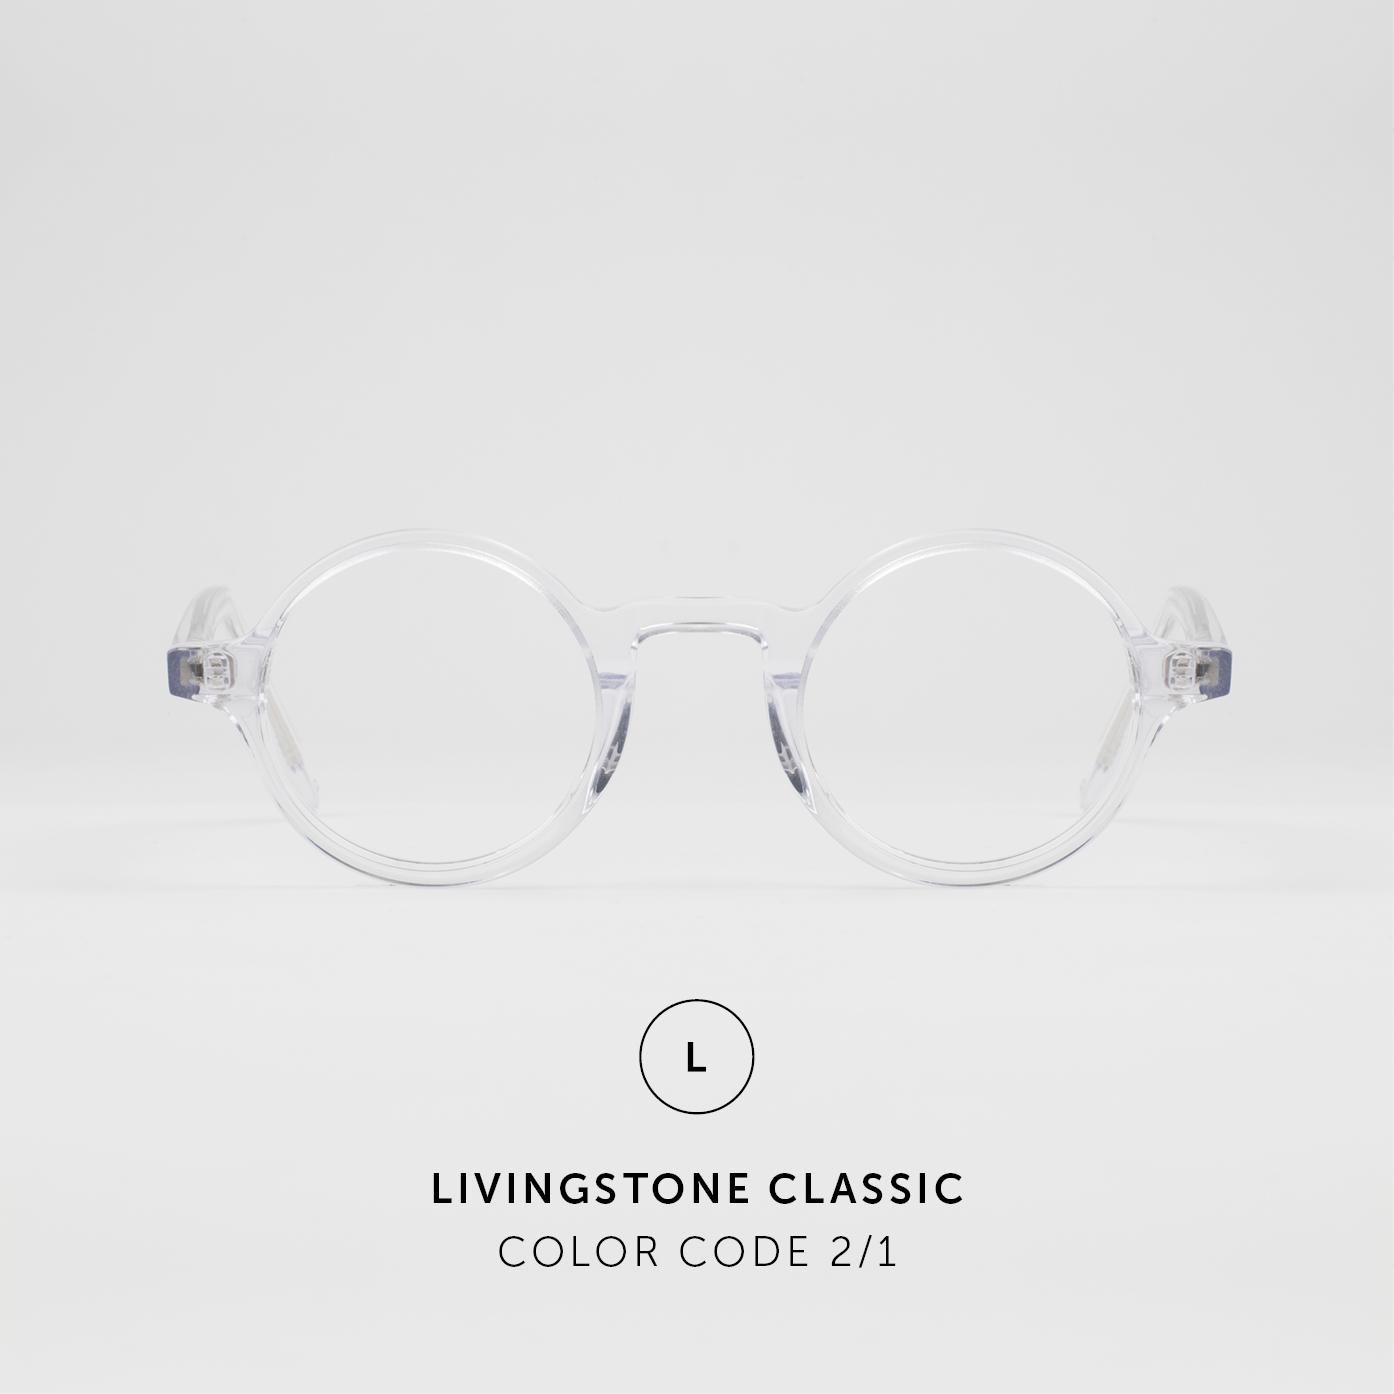 LivingstoneClassic13.jpg